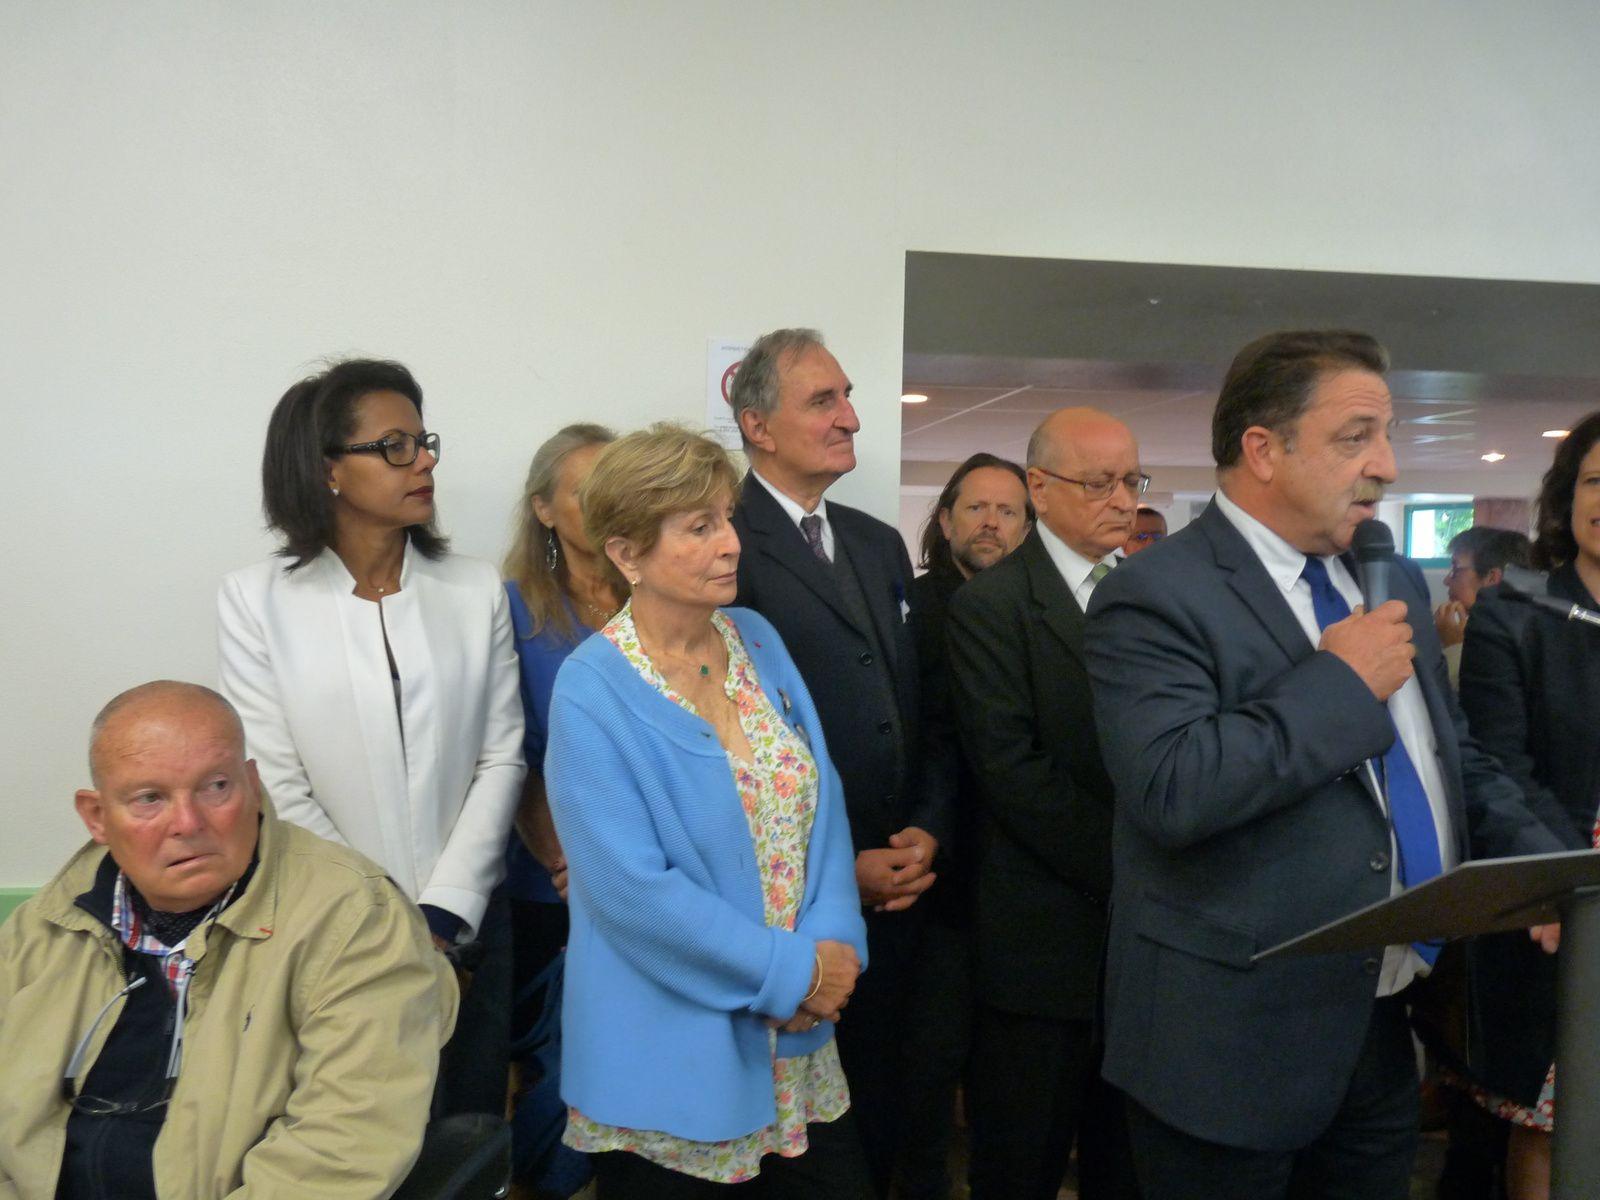 Prise de parole par Bruno Lamonerie, Président de la Communauté de communes Isle-Loue-Auvézère et Conseiller Départemental. Derrière lui André Added , Président du Comité Talleyrand-Périgord